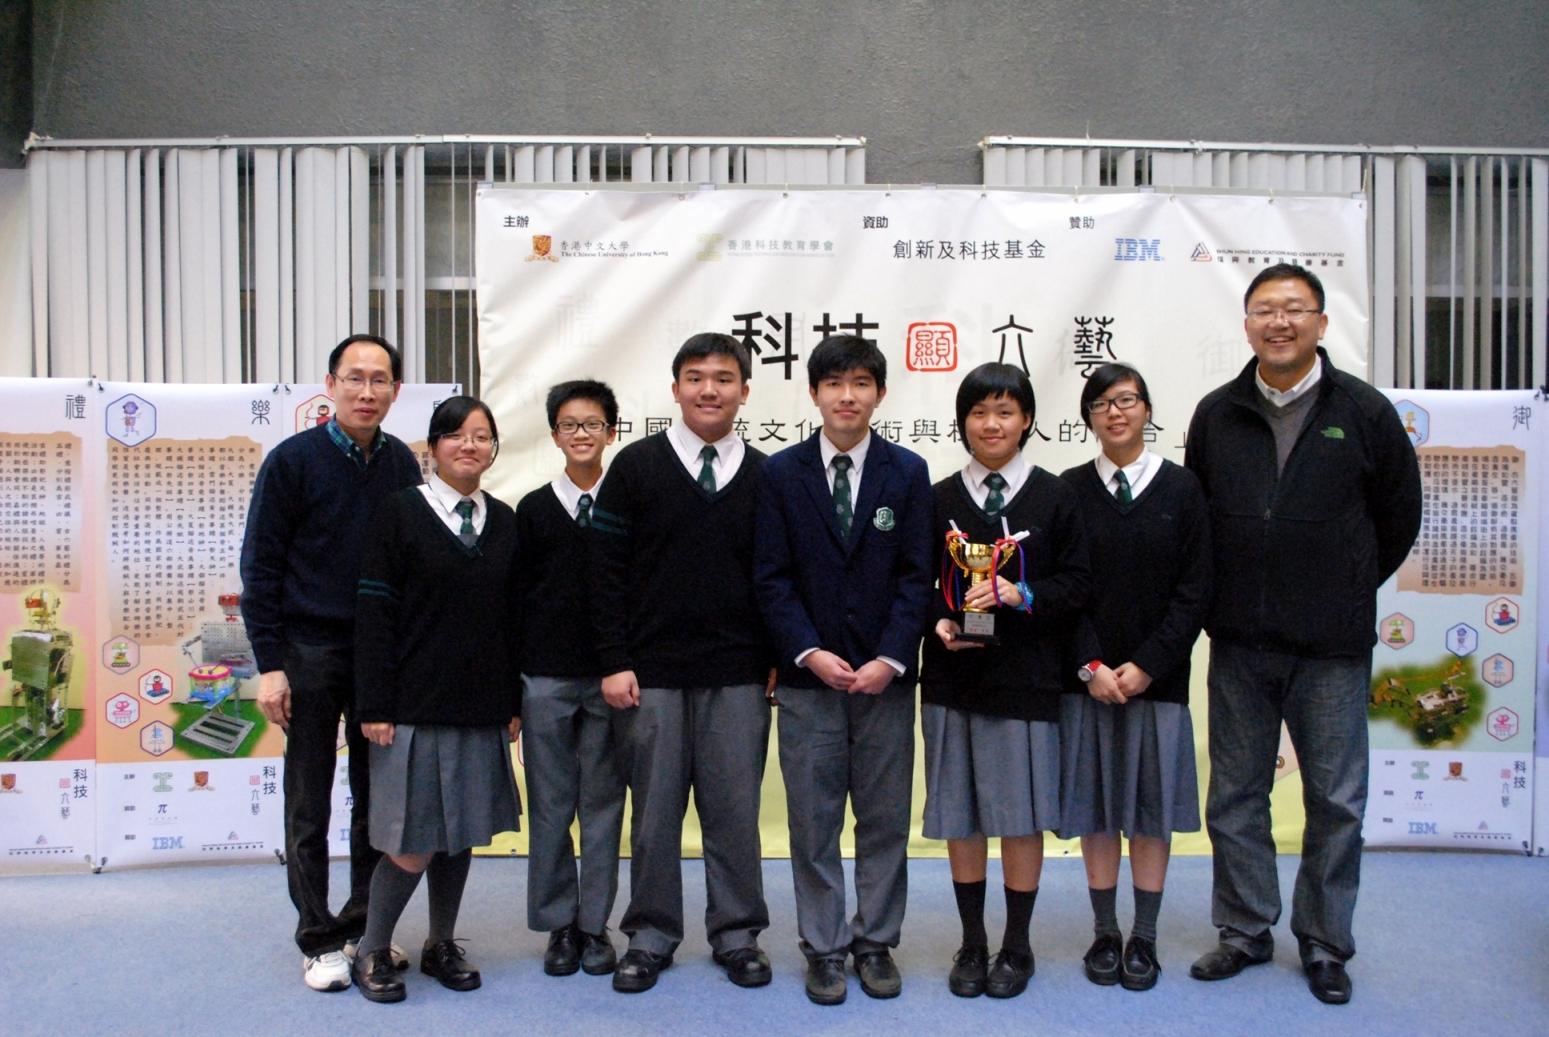 「科技显六艺」机械人创意比赛「礼」艺组一等奖得主 - 张沛松纪念中学,手持奖杯者为林泳珊同学。